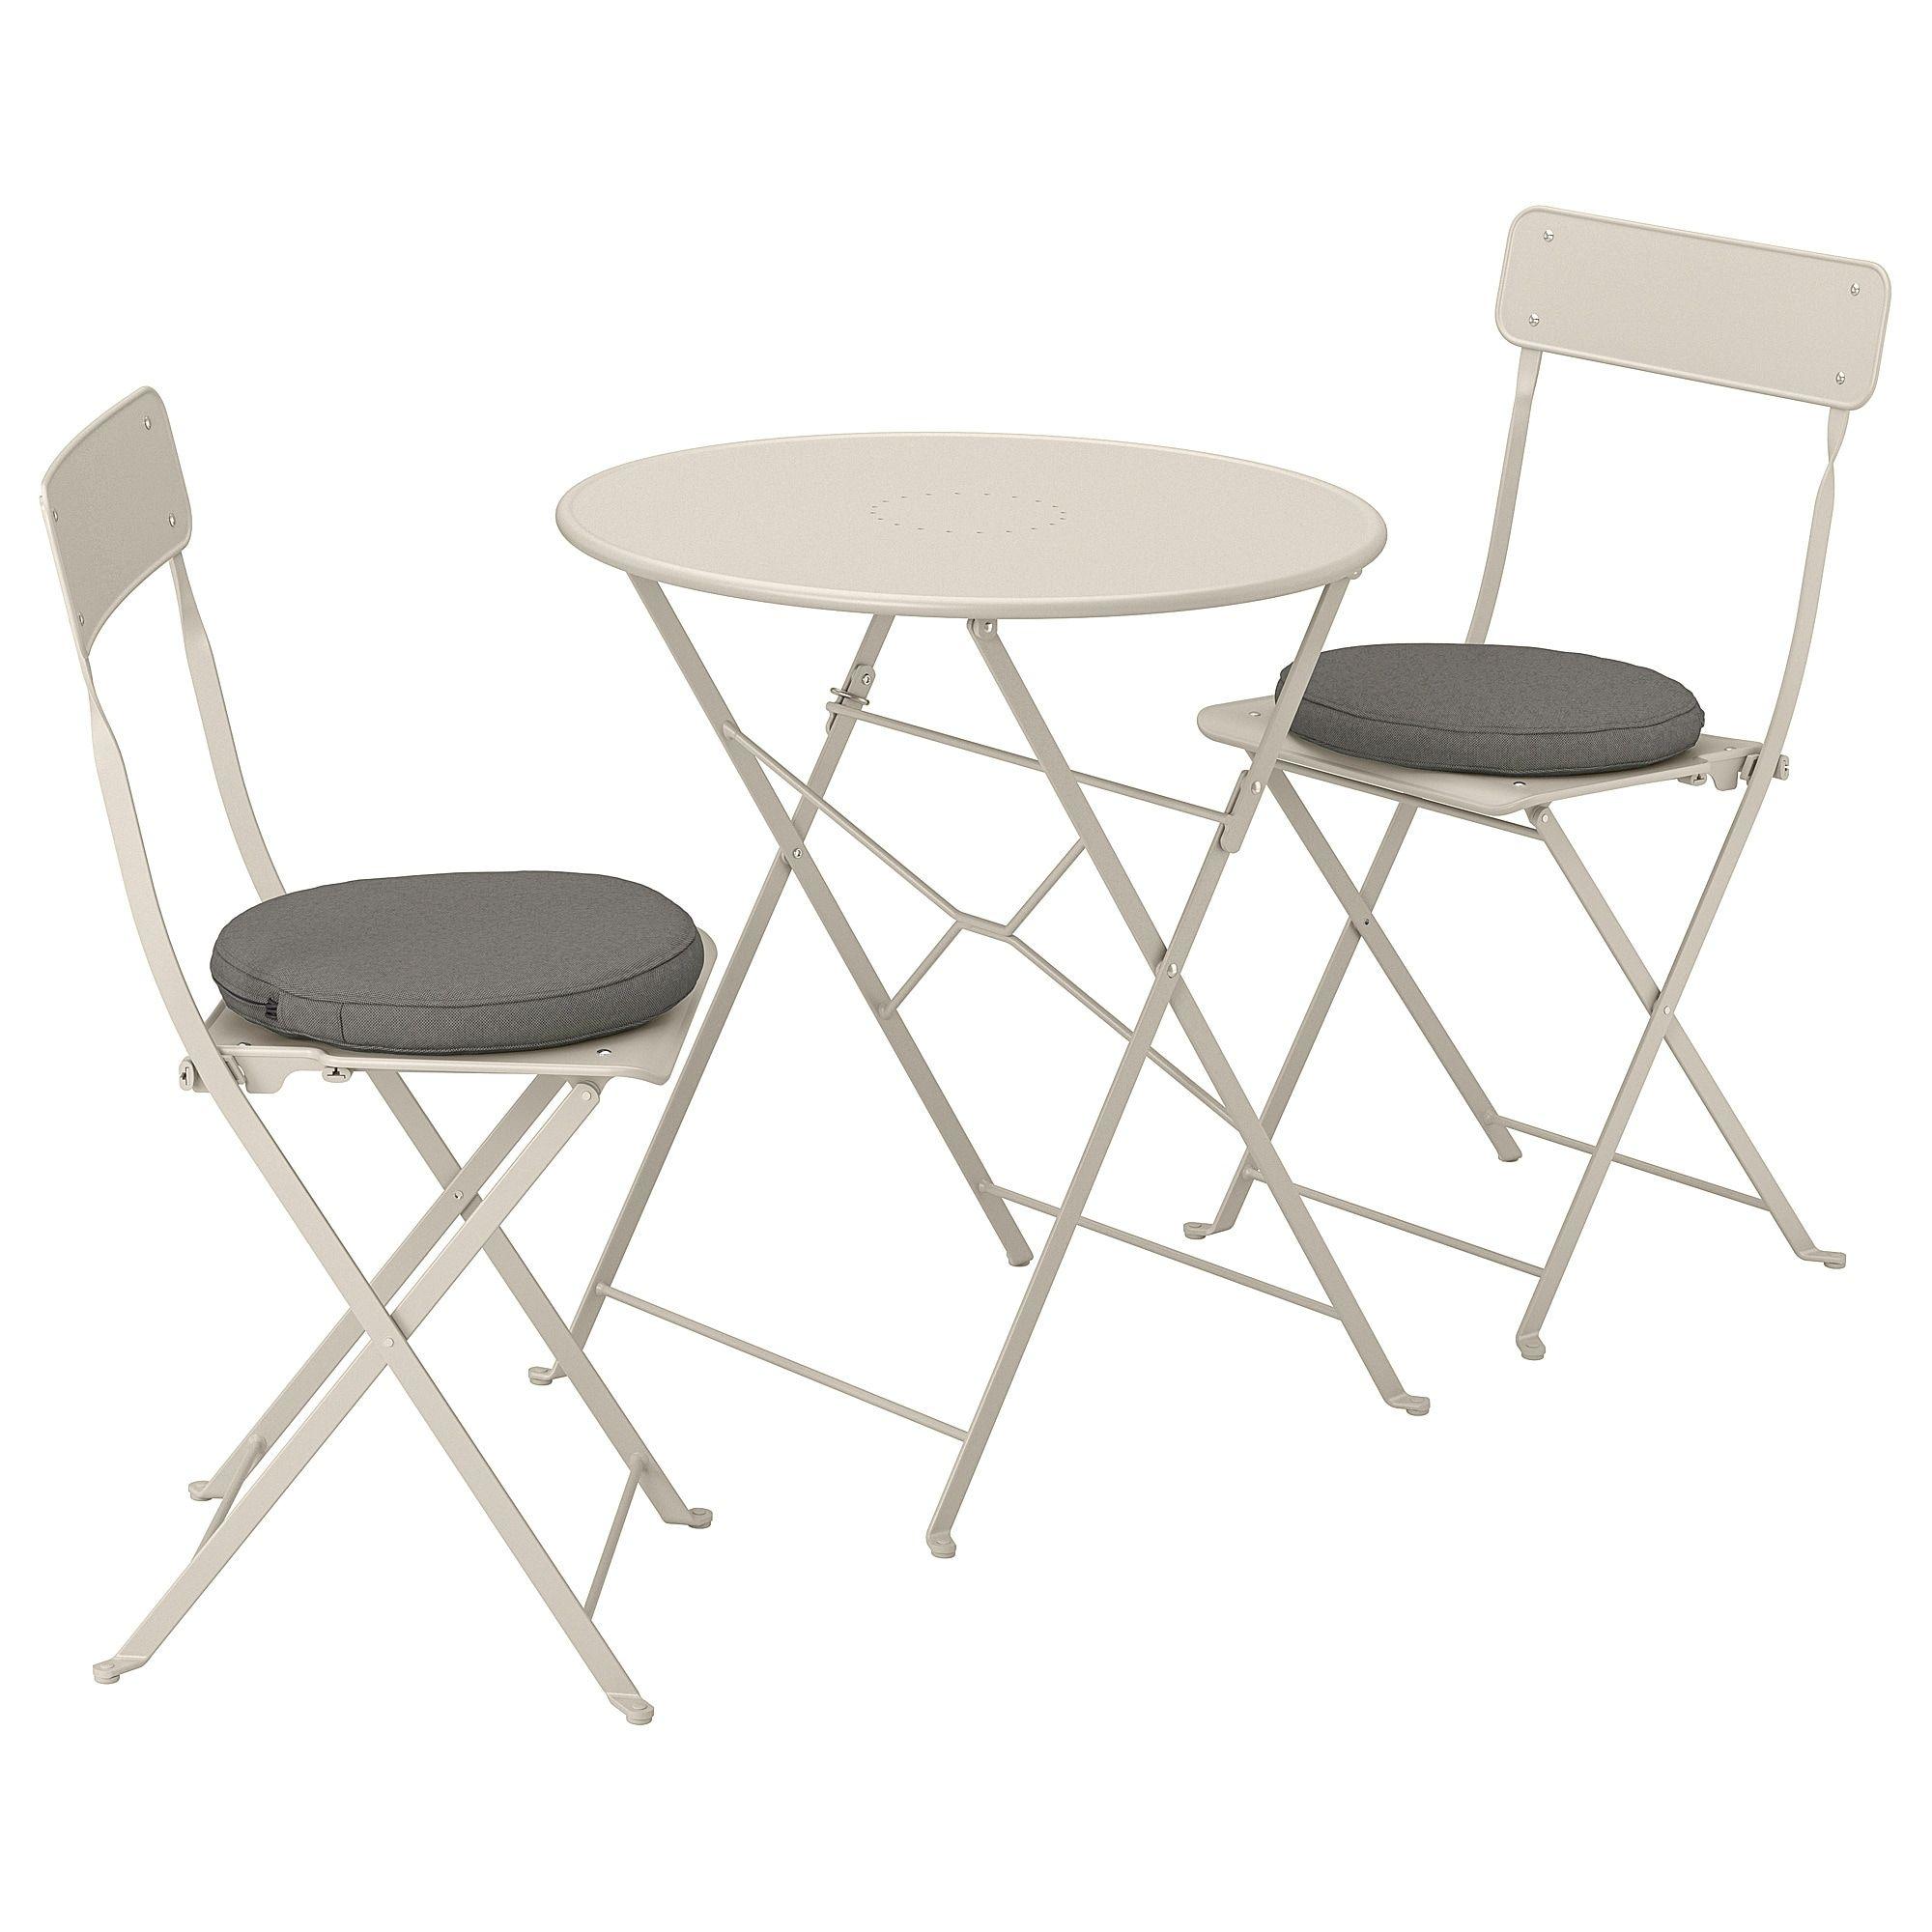 Ikea Saltholmen Bistro Set Outdoor Beige Froson Duvholmen Dark In 2019 Folding Chair Outdoor Tables Chairs Chair